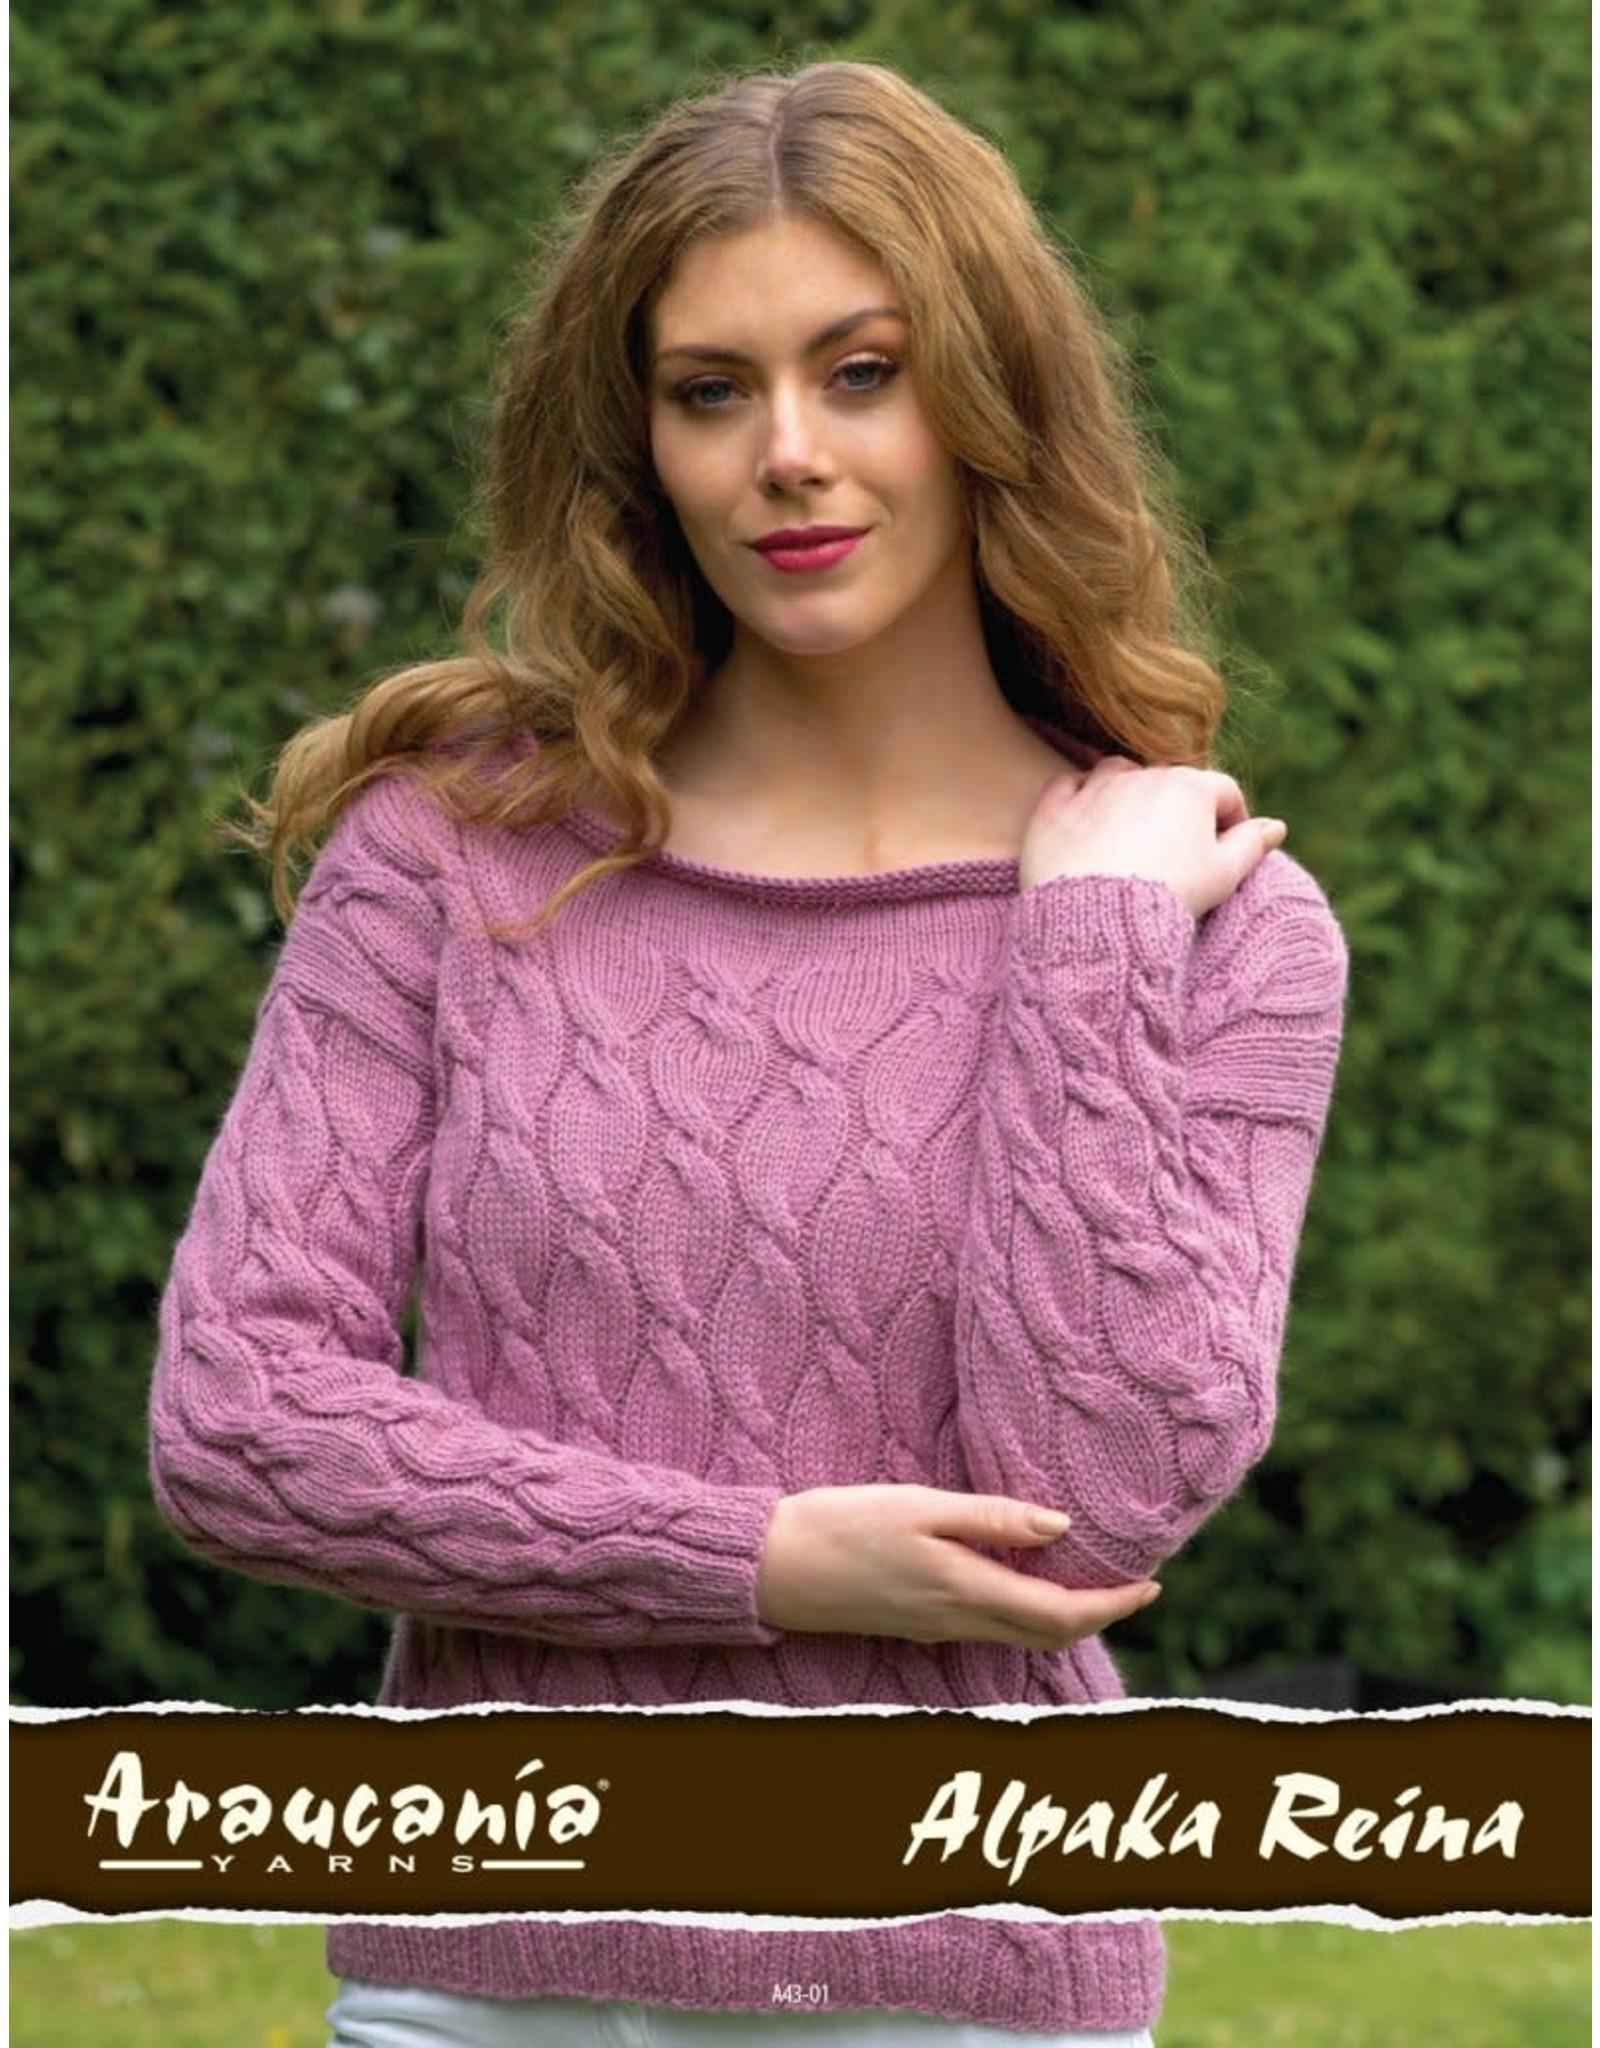 Araucania Yarn Araucania: Lydia Jumper Kit,